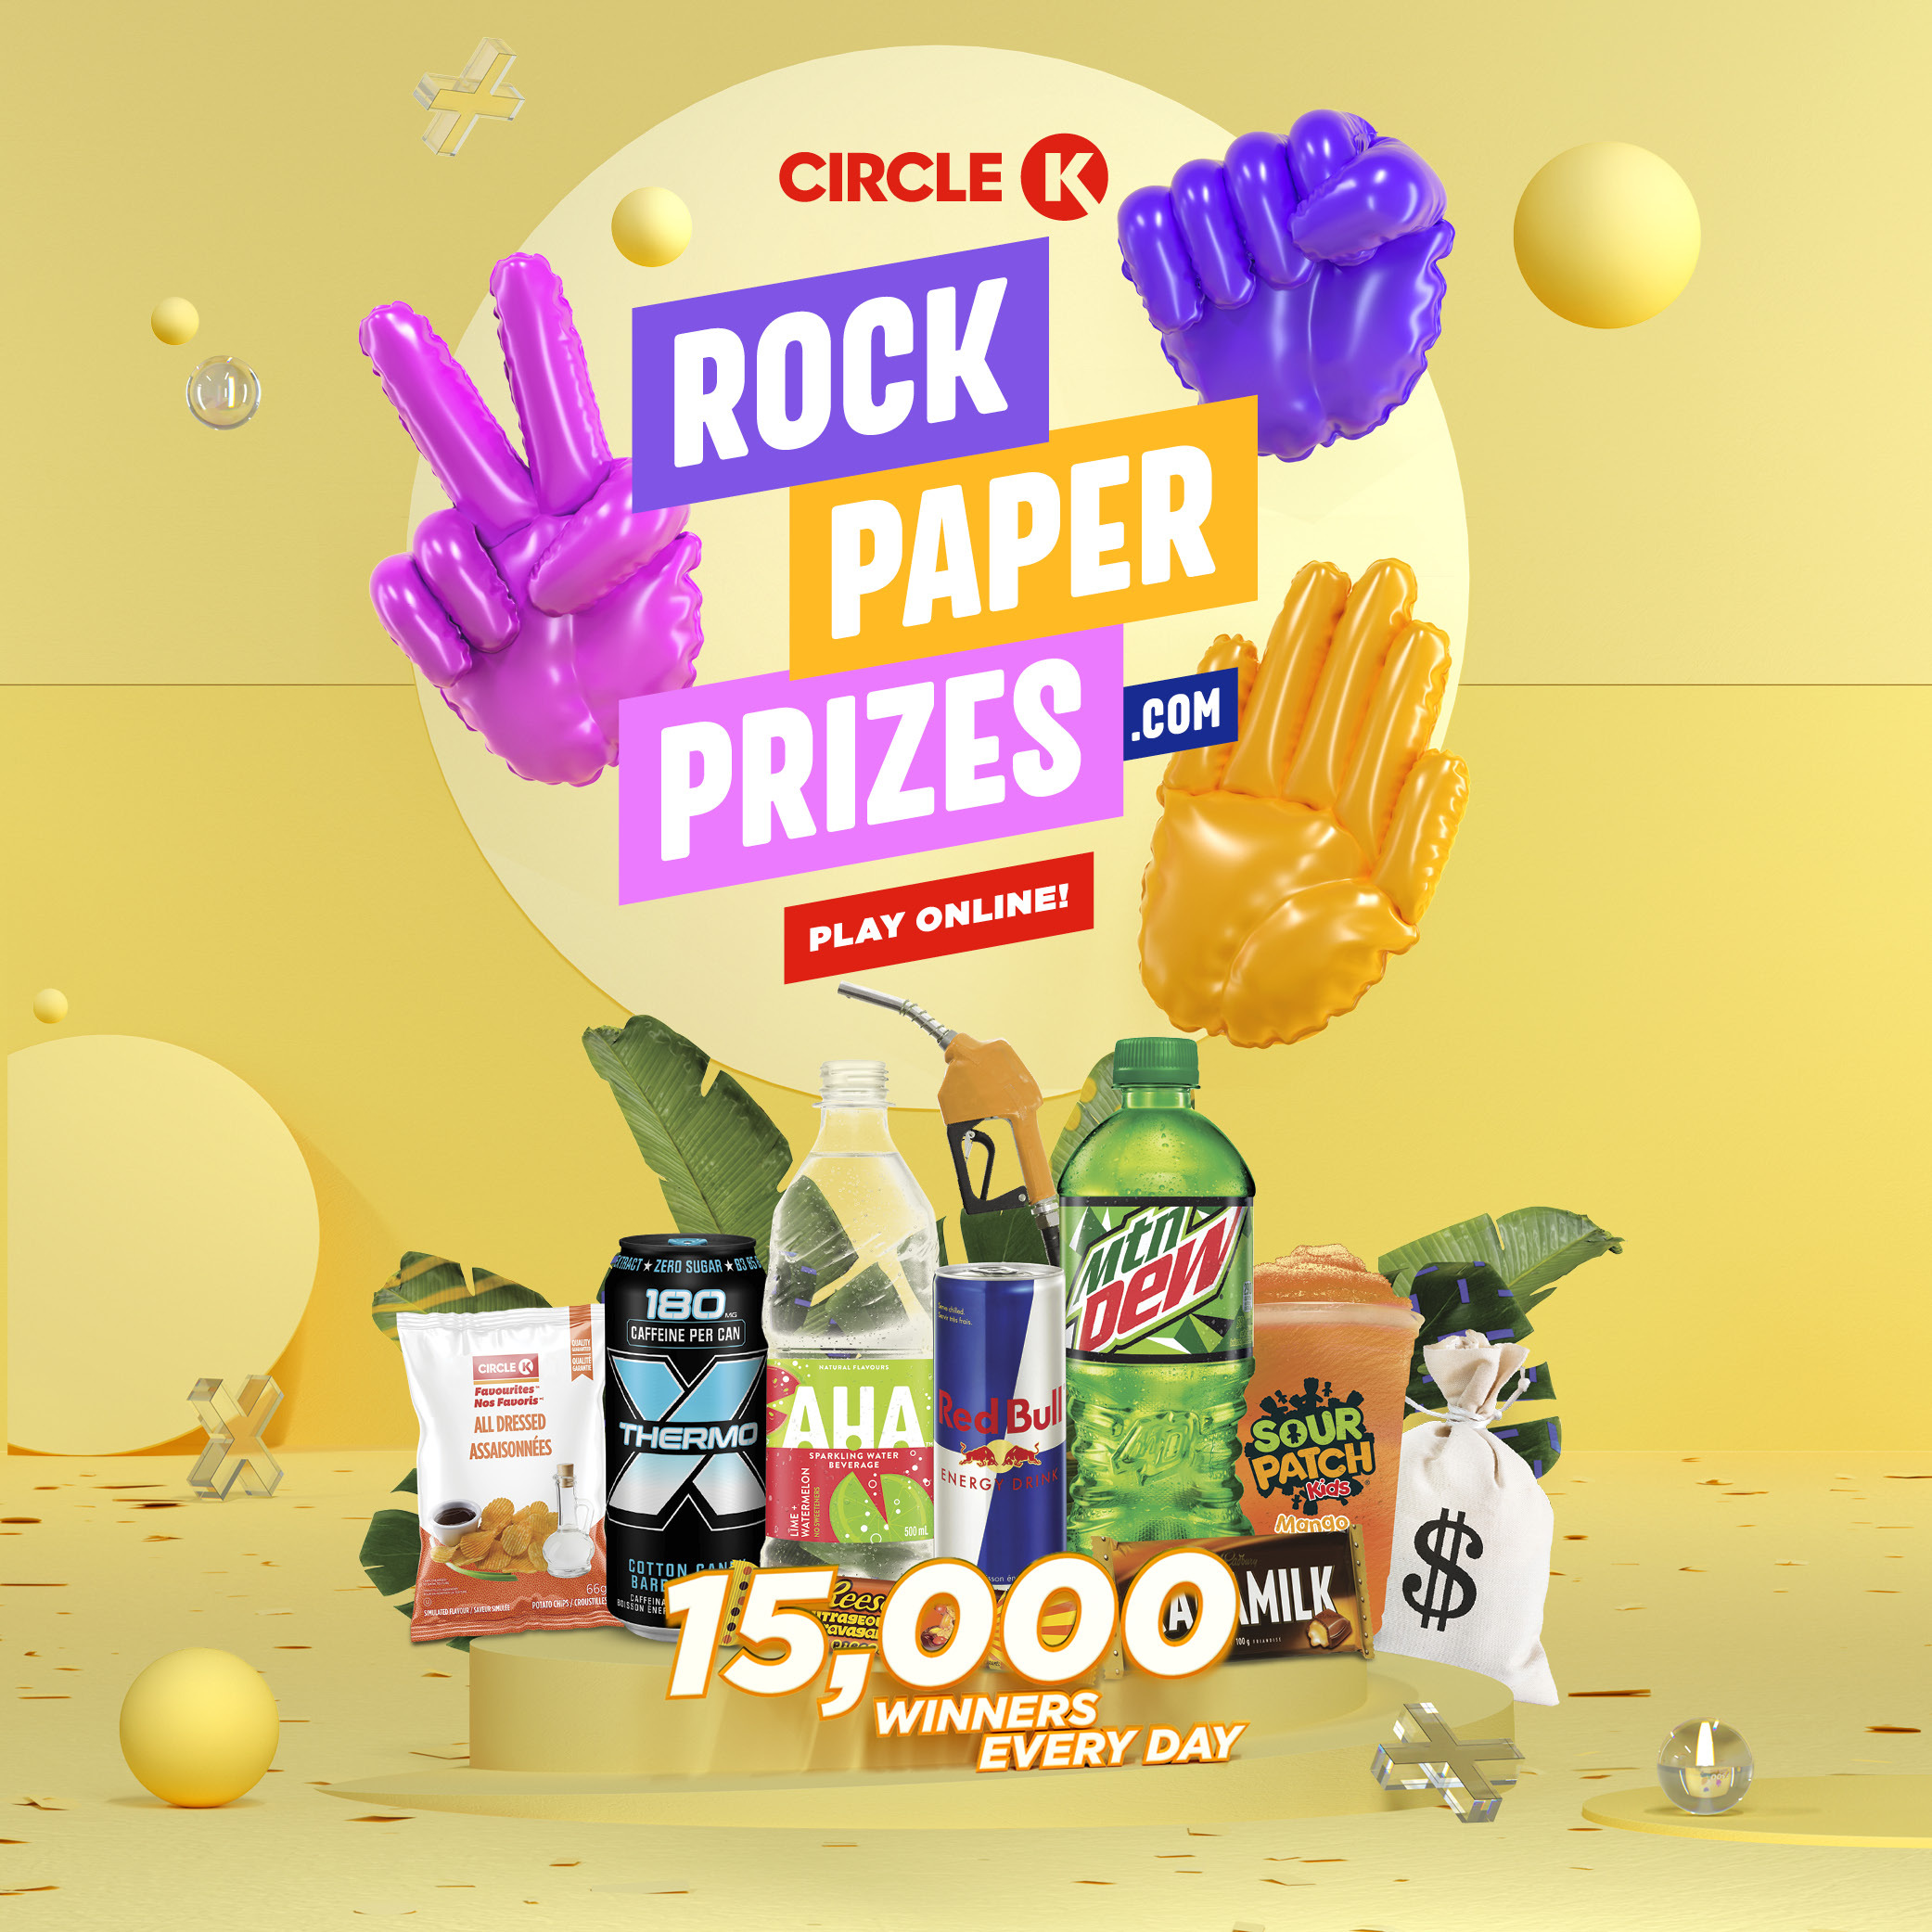 Rock paper prizes 2020